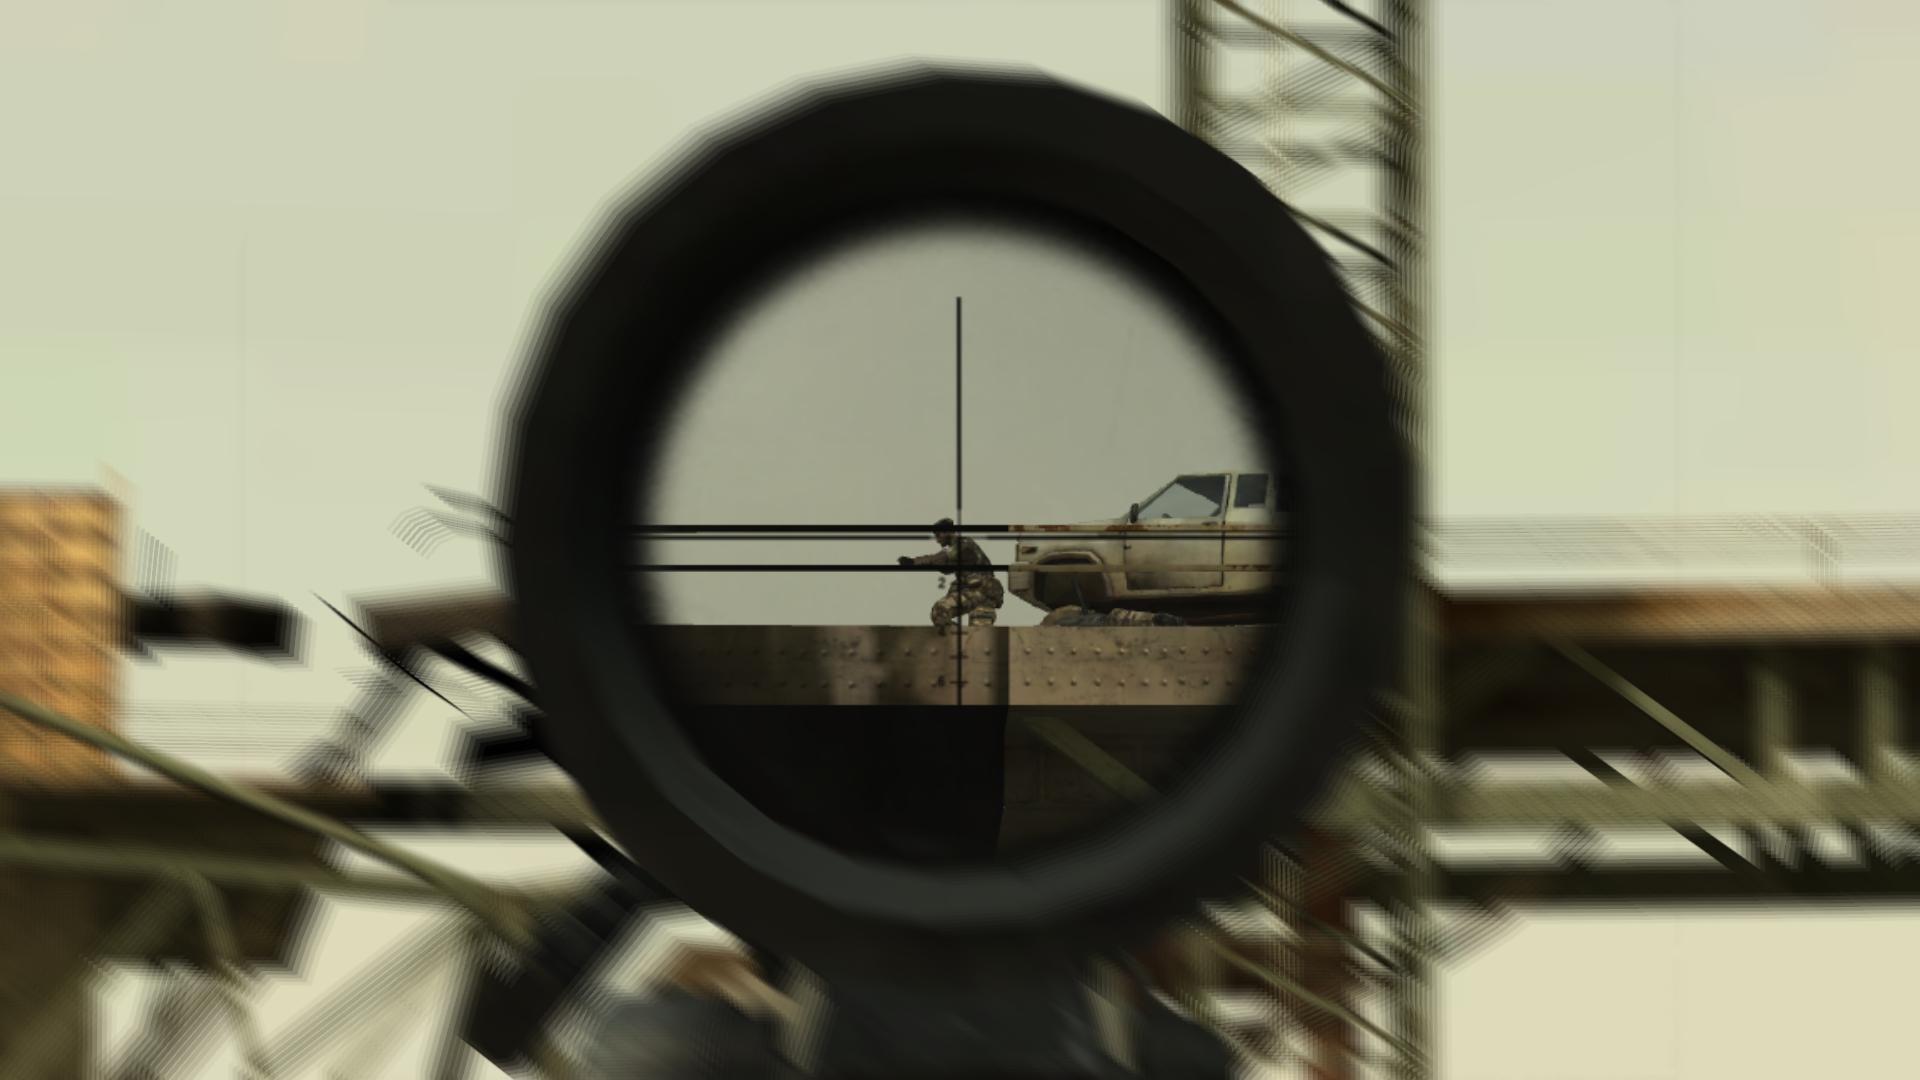 M82A1 Barret Zielfernrohr und Zoomshader